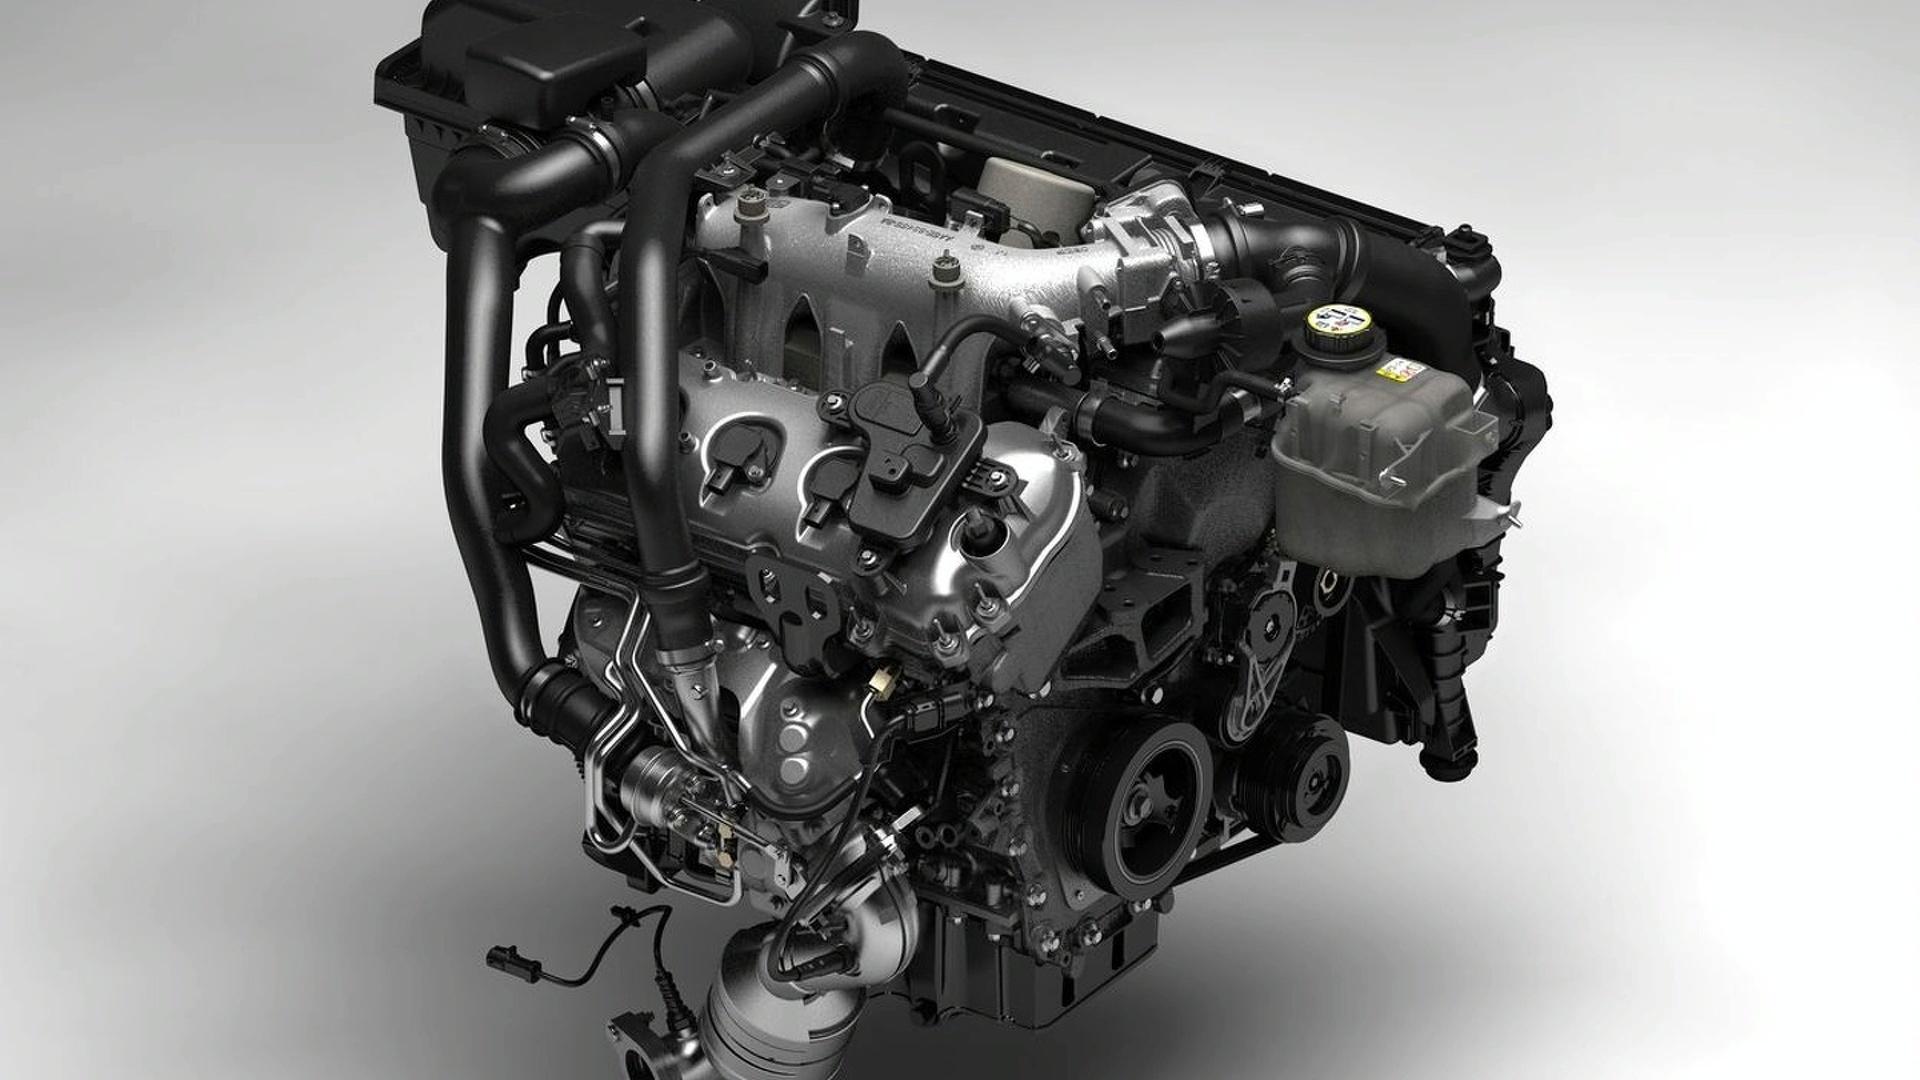 ford 3 5 liter ecoboost v 6 twin turbo engine revealed. Black Bedroom Furniture Sets. Home Design Ideas